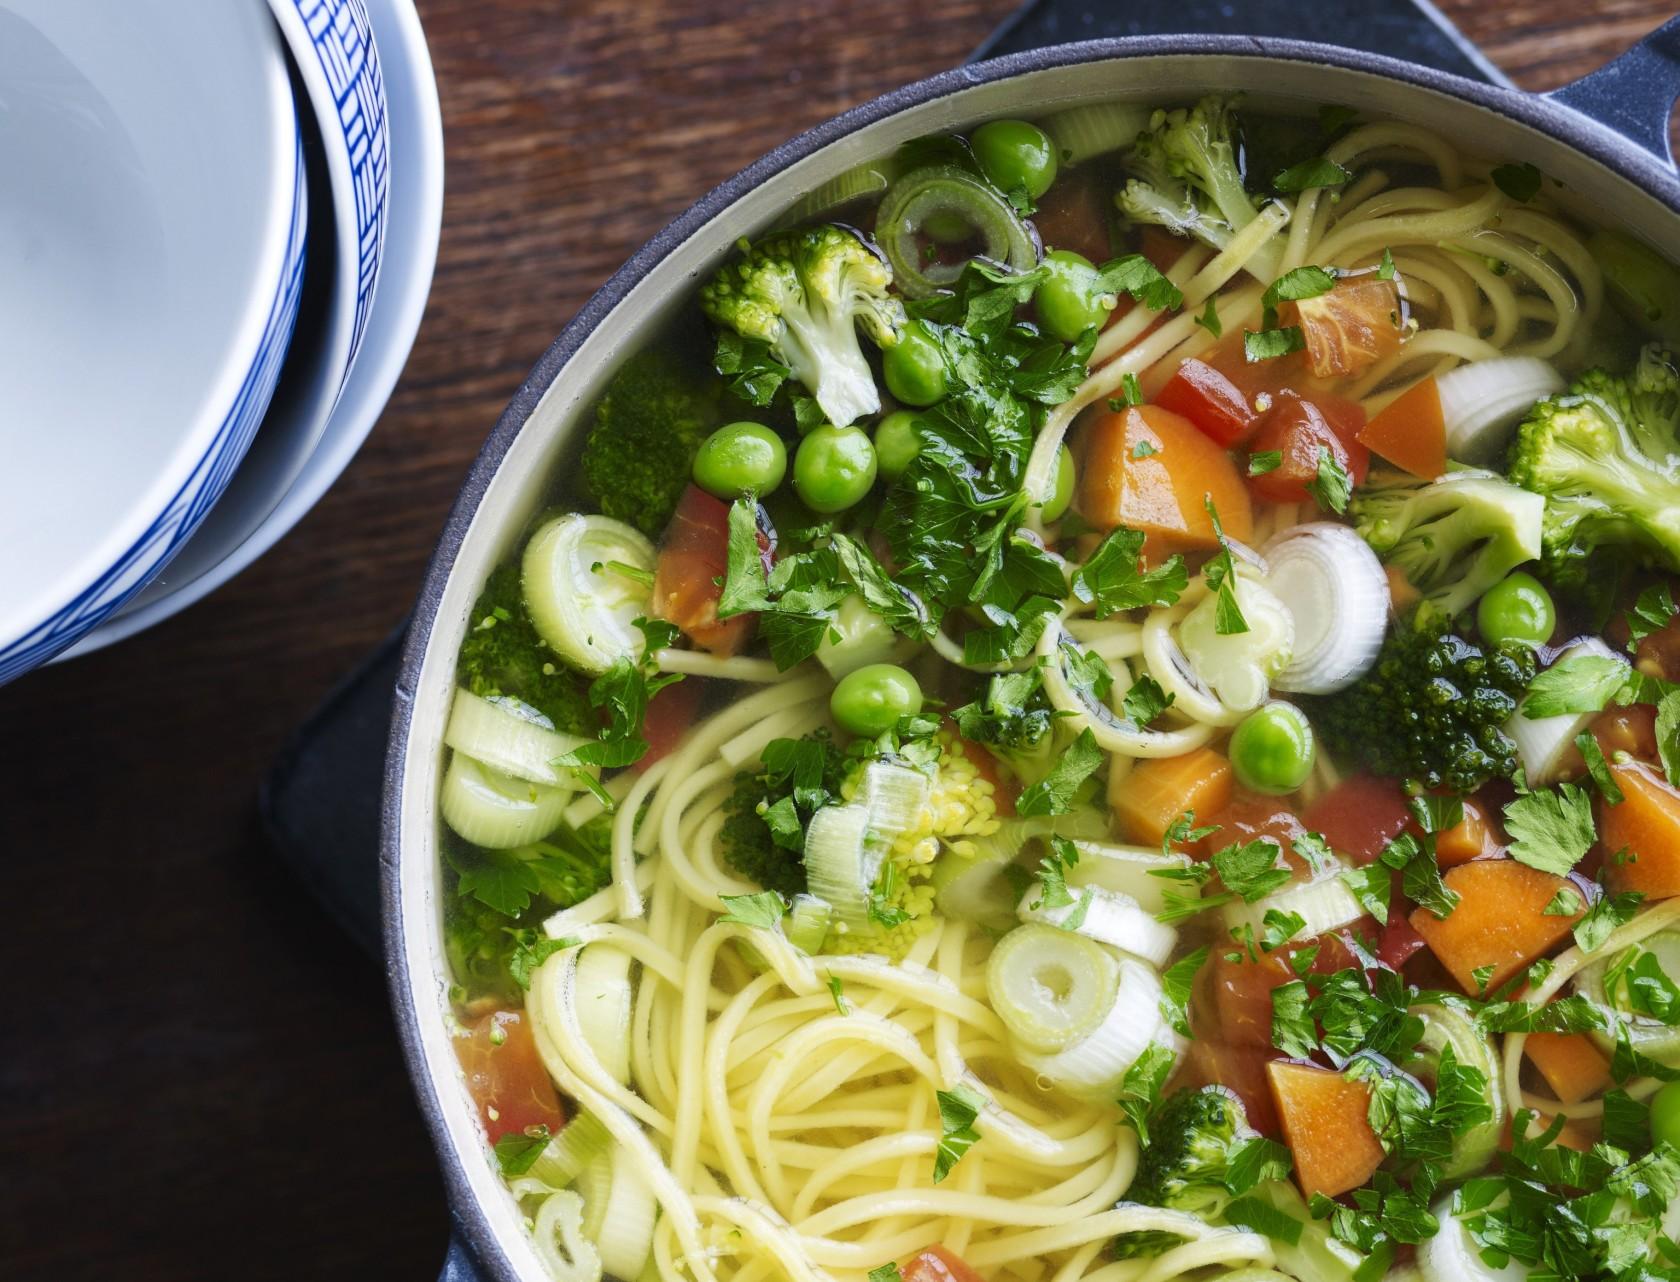 Hønsesuppe med pasta og grøntsager - nem og lækker opskrift!